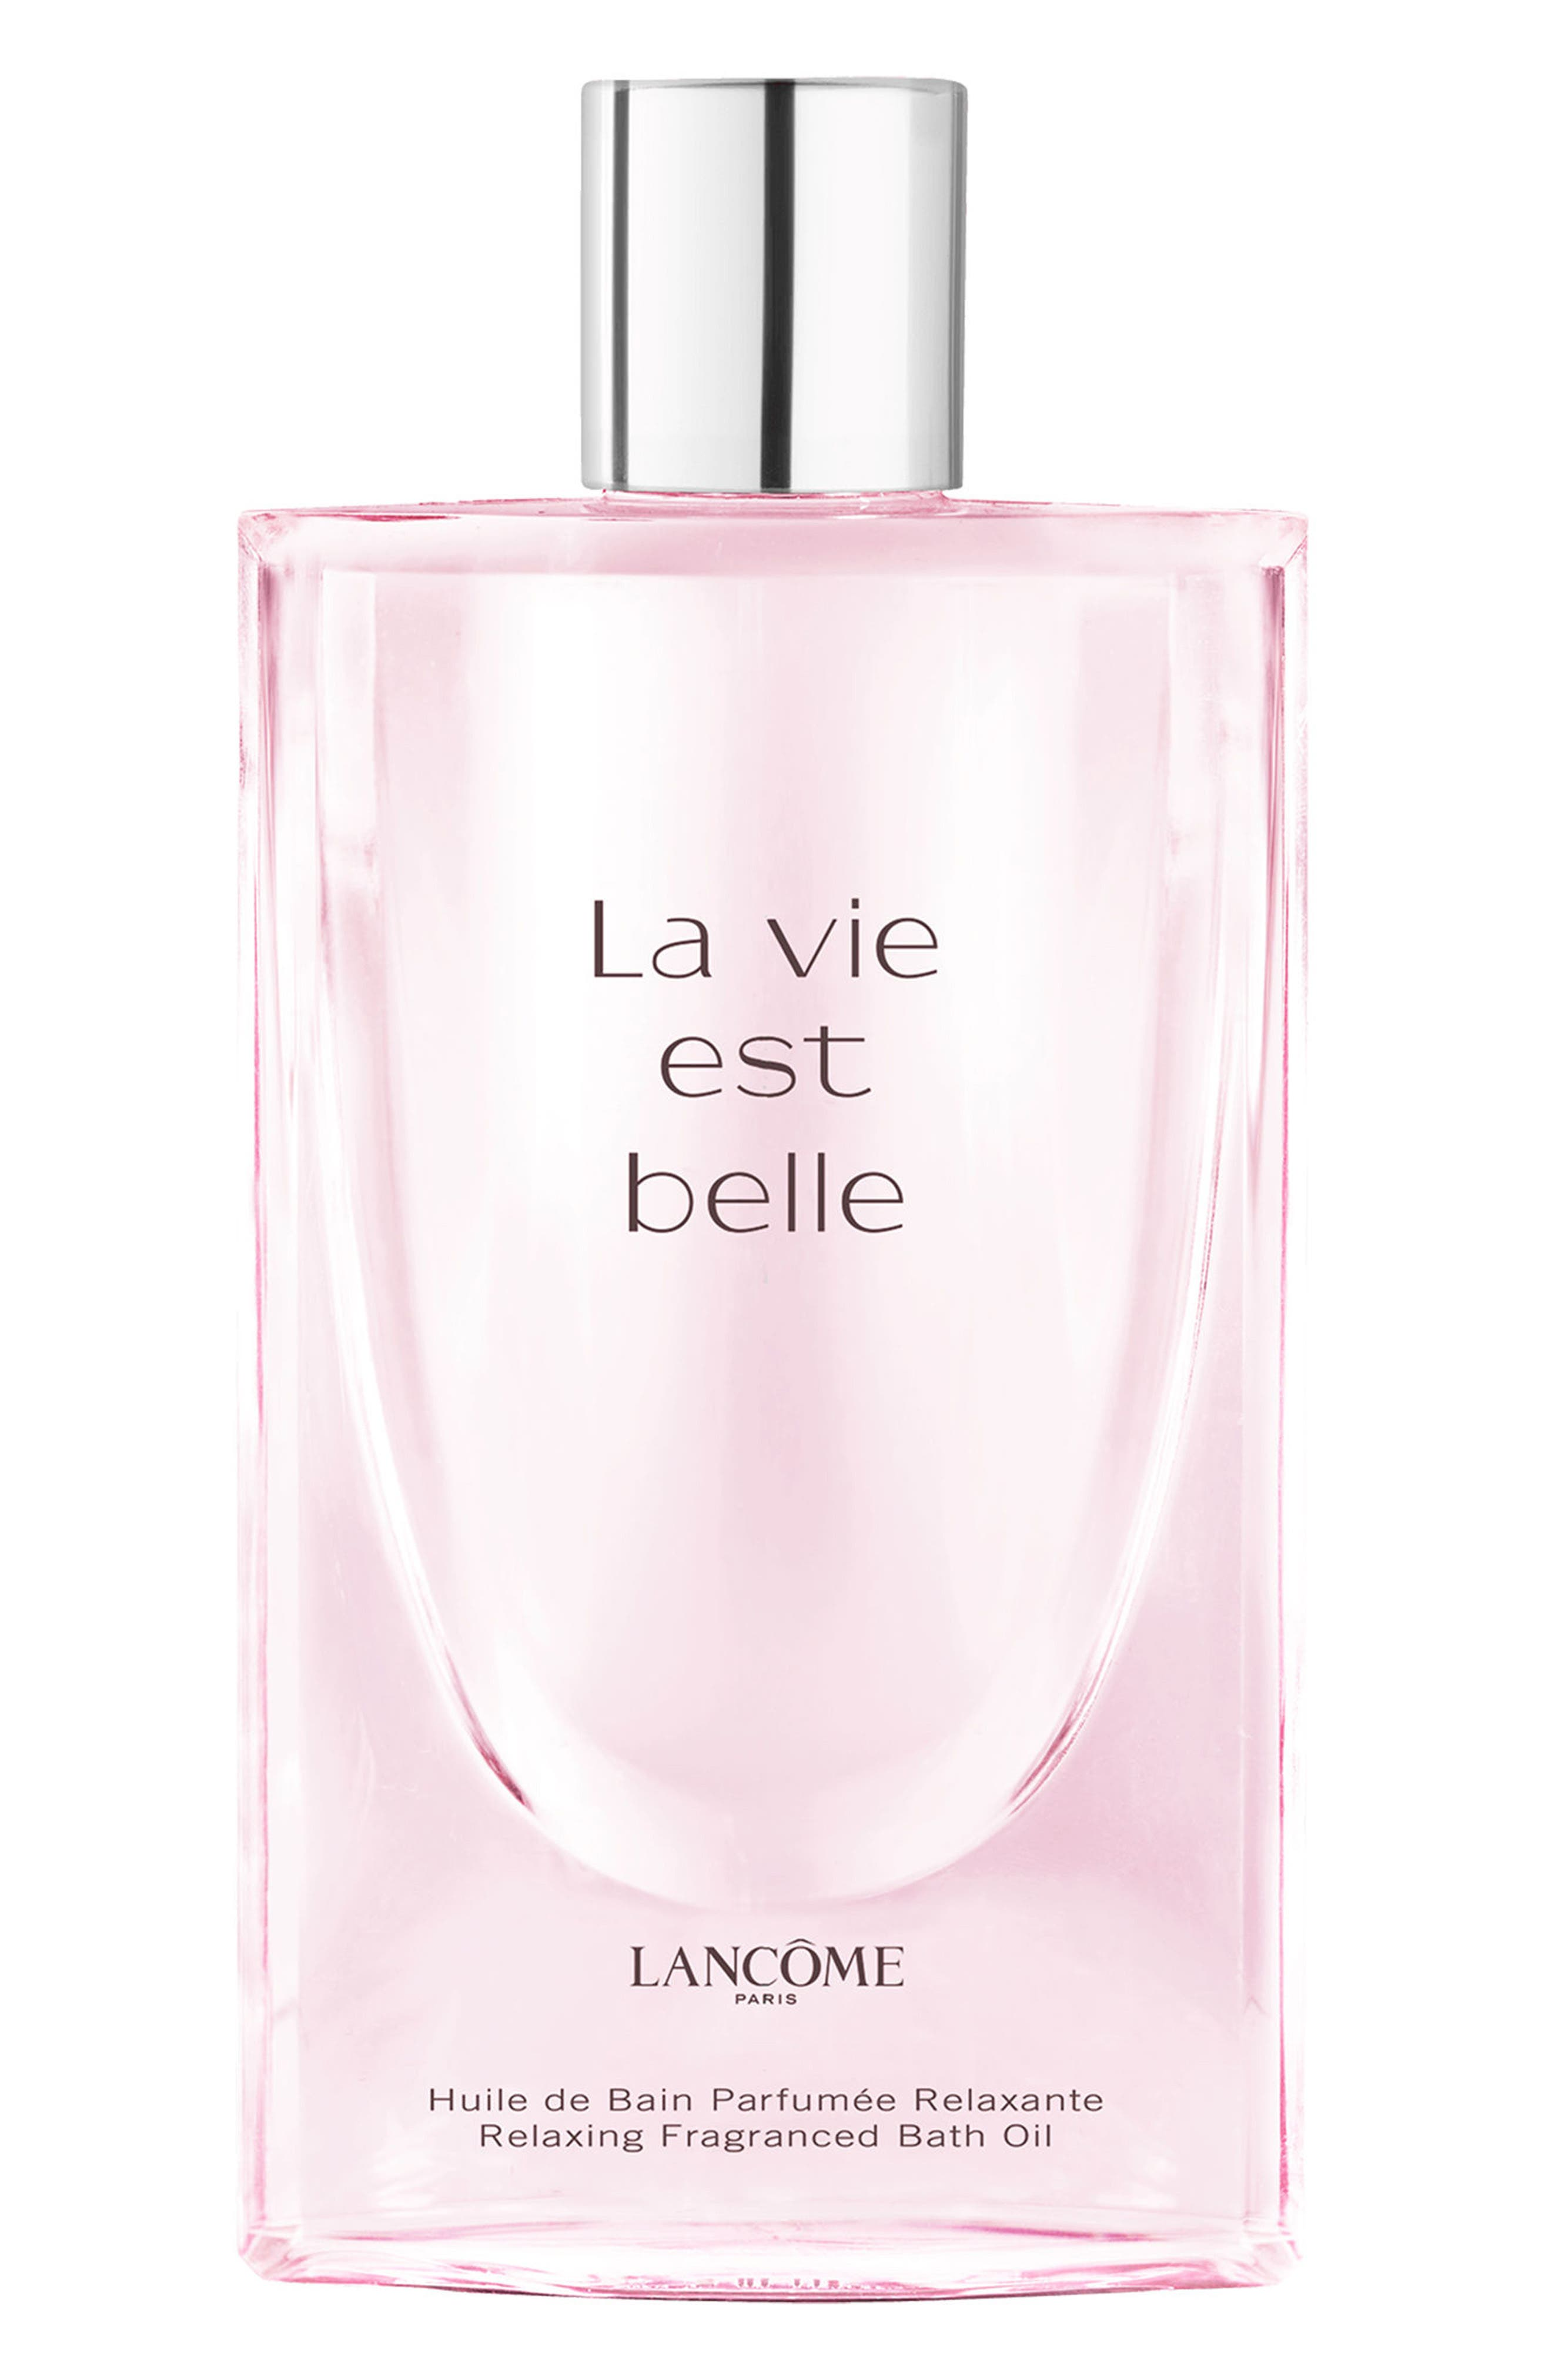 Lancôme La Vie est Belle Relaxing Fragrance Bath Oil